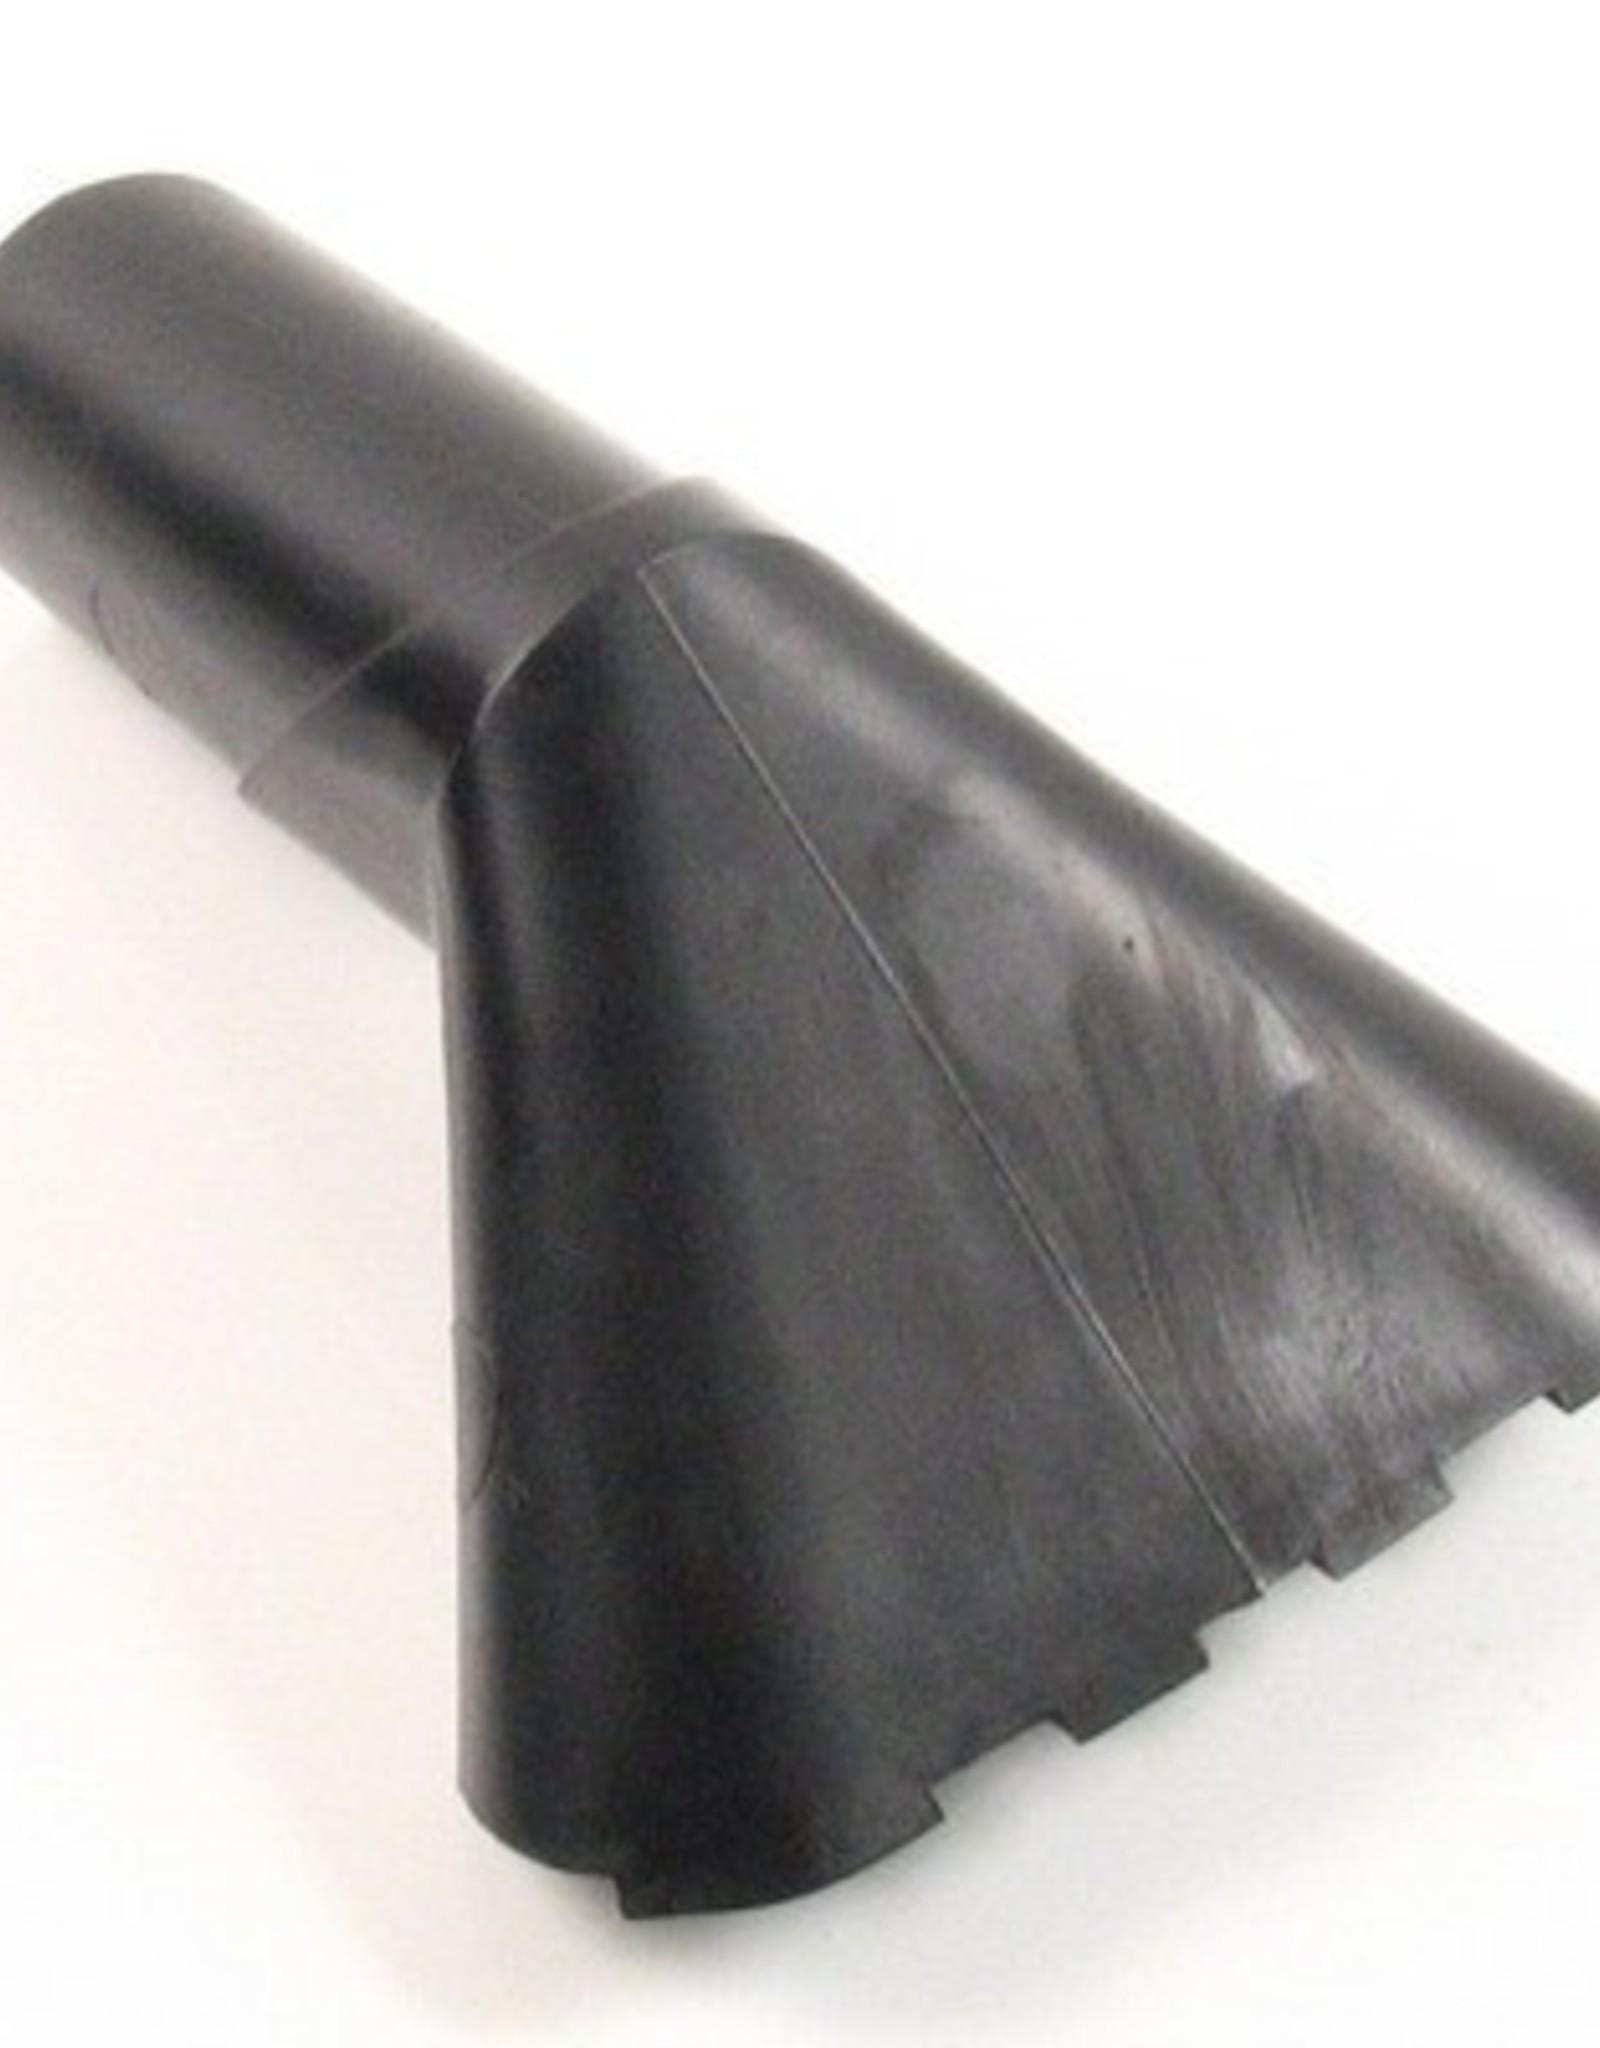 NUMATIC 38 mm gulper zuigmond 130 mm